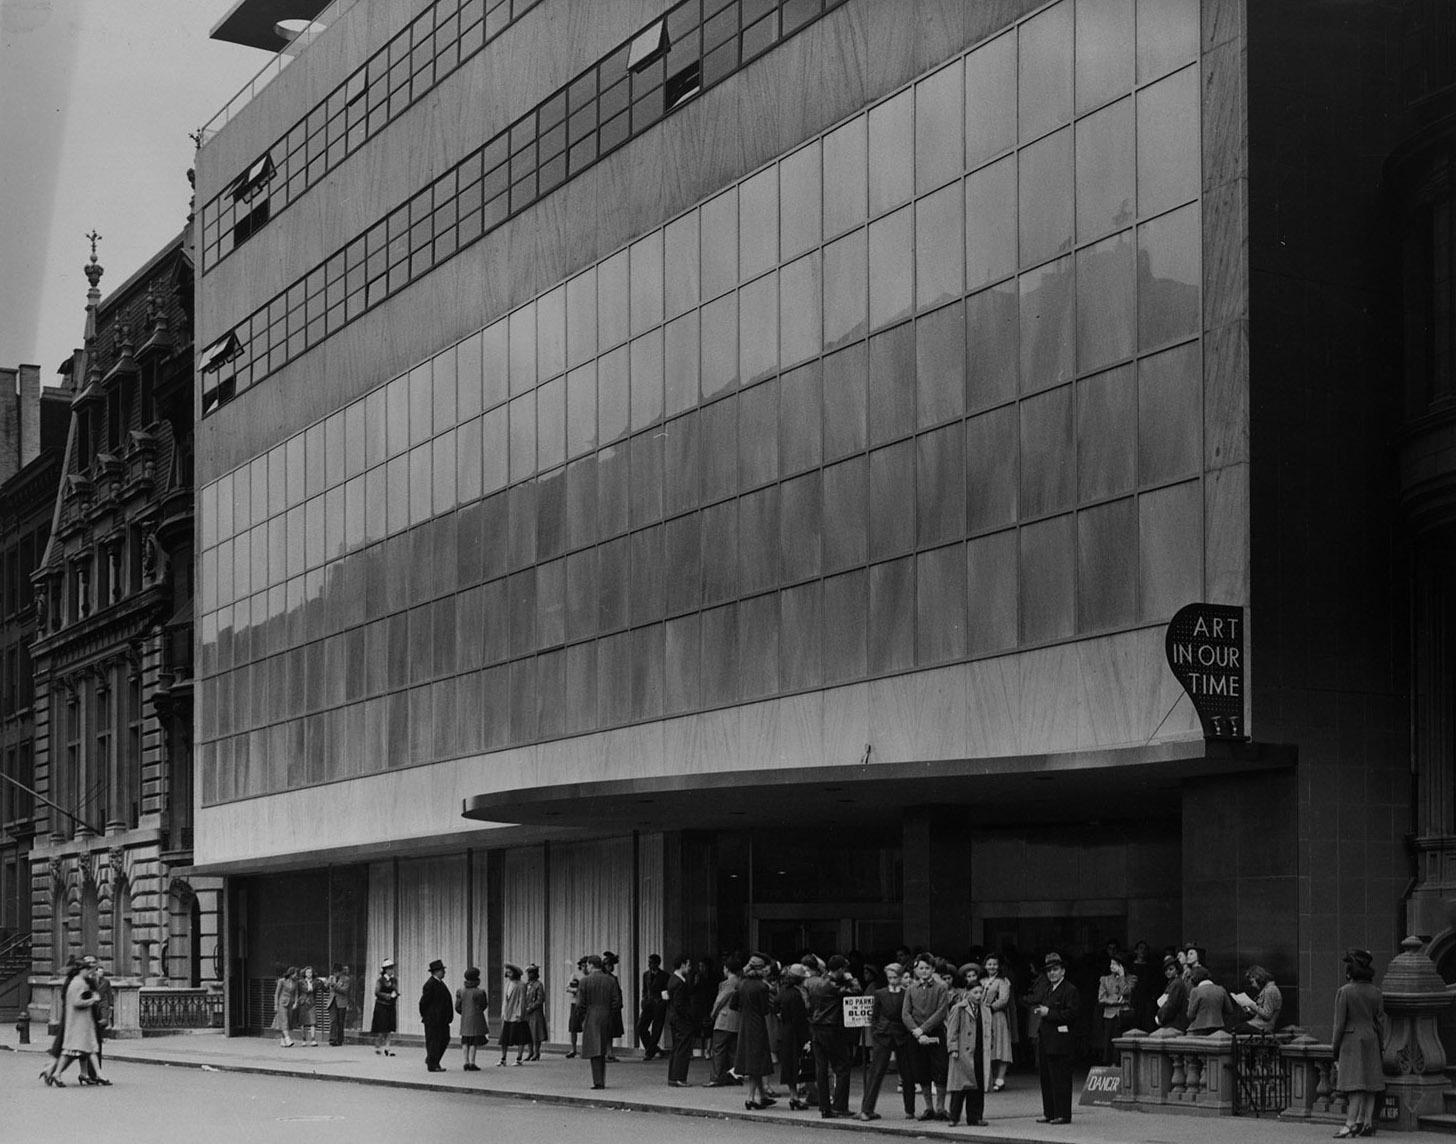 pengunjung menunggu untuk melihat pameran Art in Our Time di luar moma pada tahun 1939